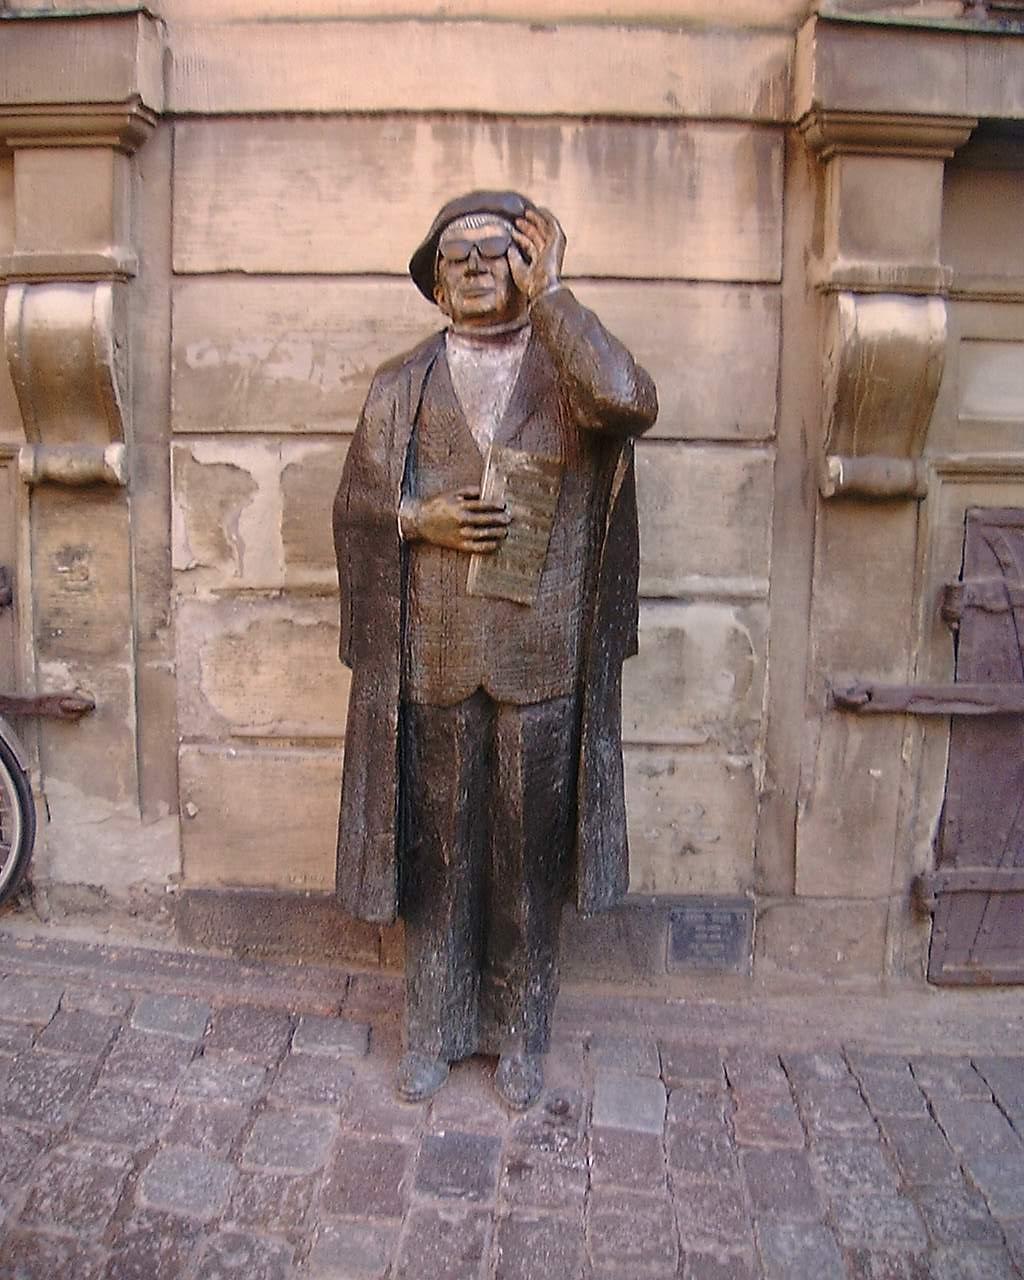 Estatua de Evert Taube en la ciudad vieja de Estocolmo